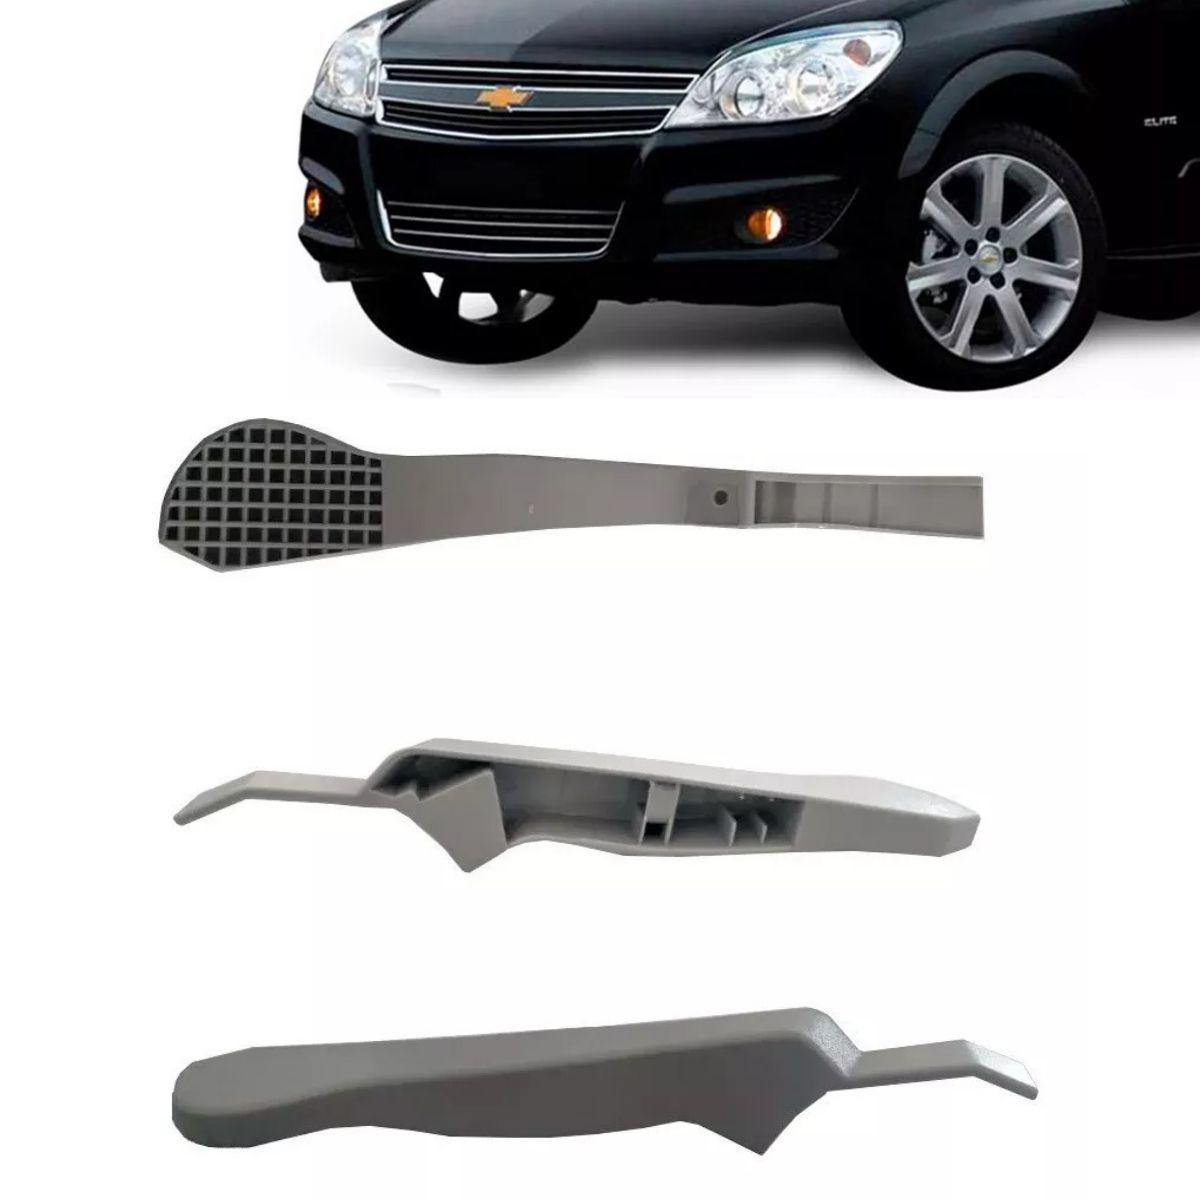 Canopla Braço Ajuste Regulagem Altura Do Banco Motorista Vectra 2009 2010 2011 - Cor Cinza